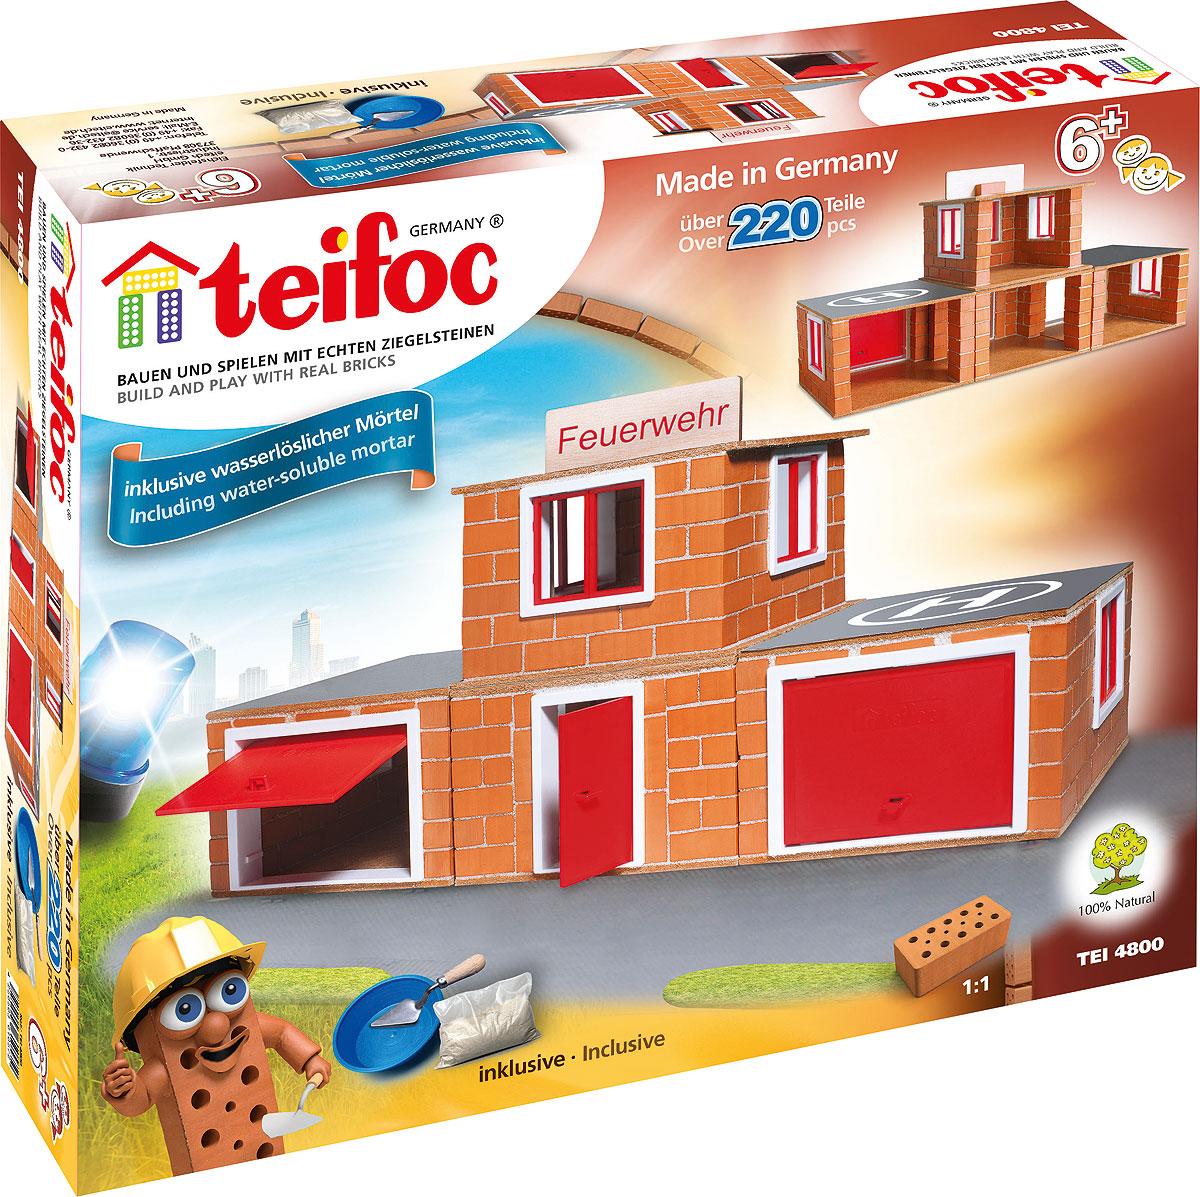 Teifoc Строительный набор Пожарное депо - Конструкторы